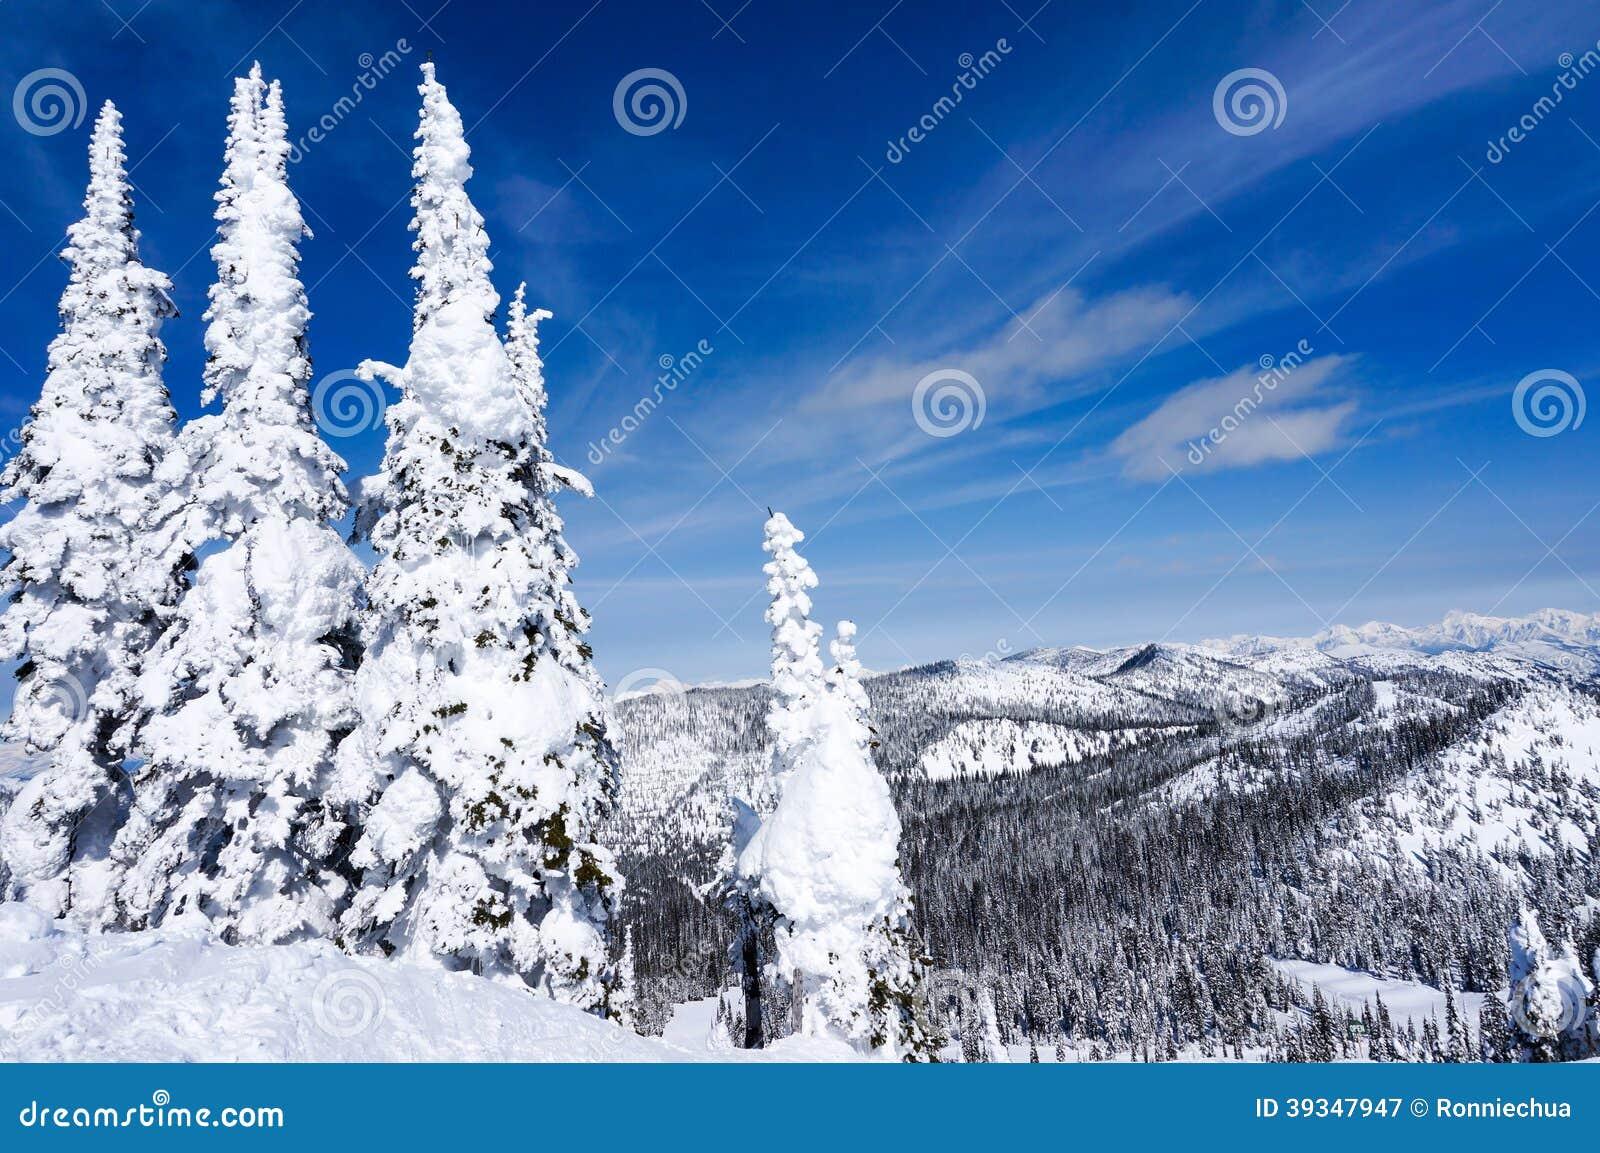 Montana Fir Christmas Tree